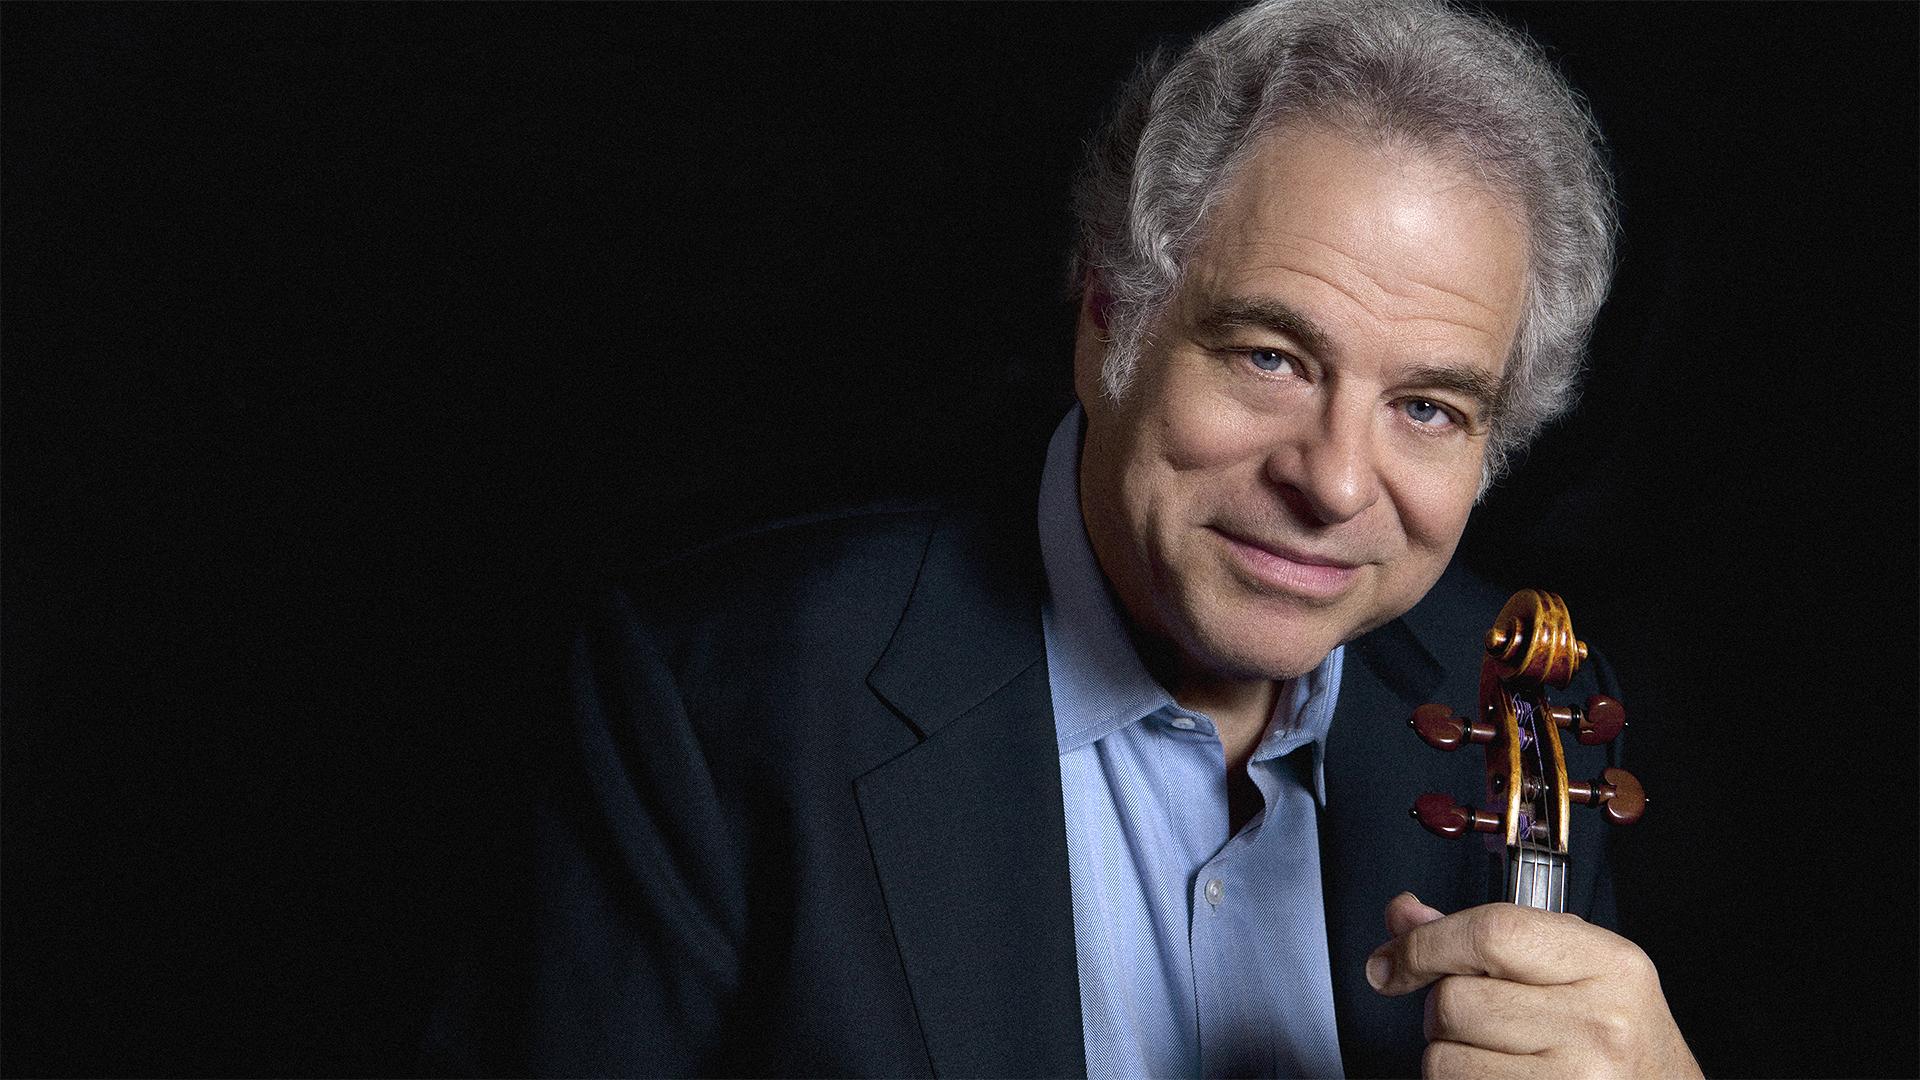 P2 Guldkoncerten: Itzhak Perlman i Sovjetunionen